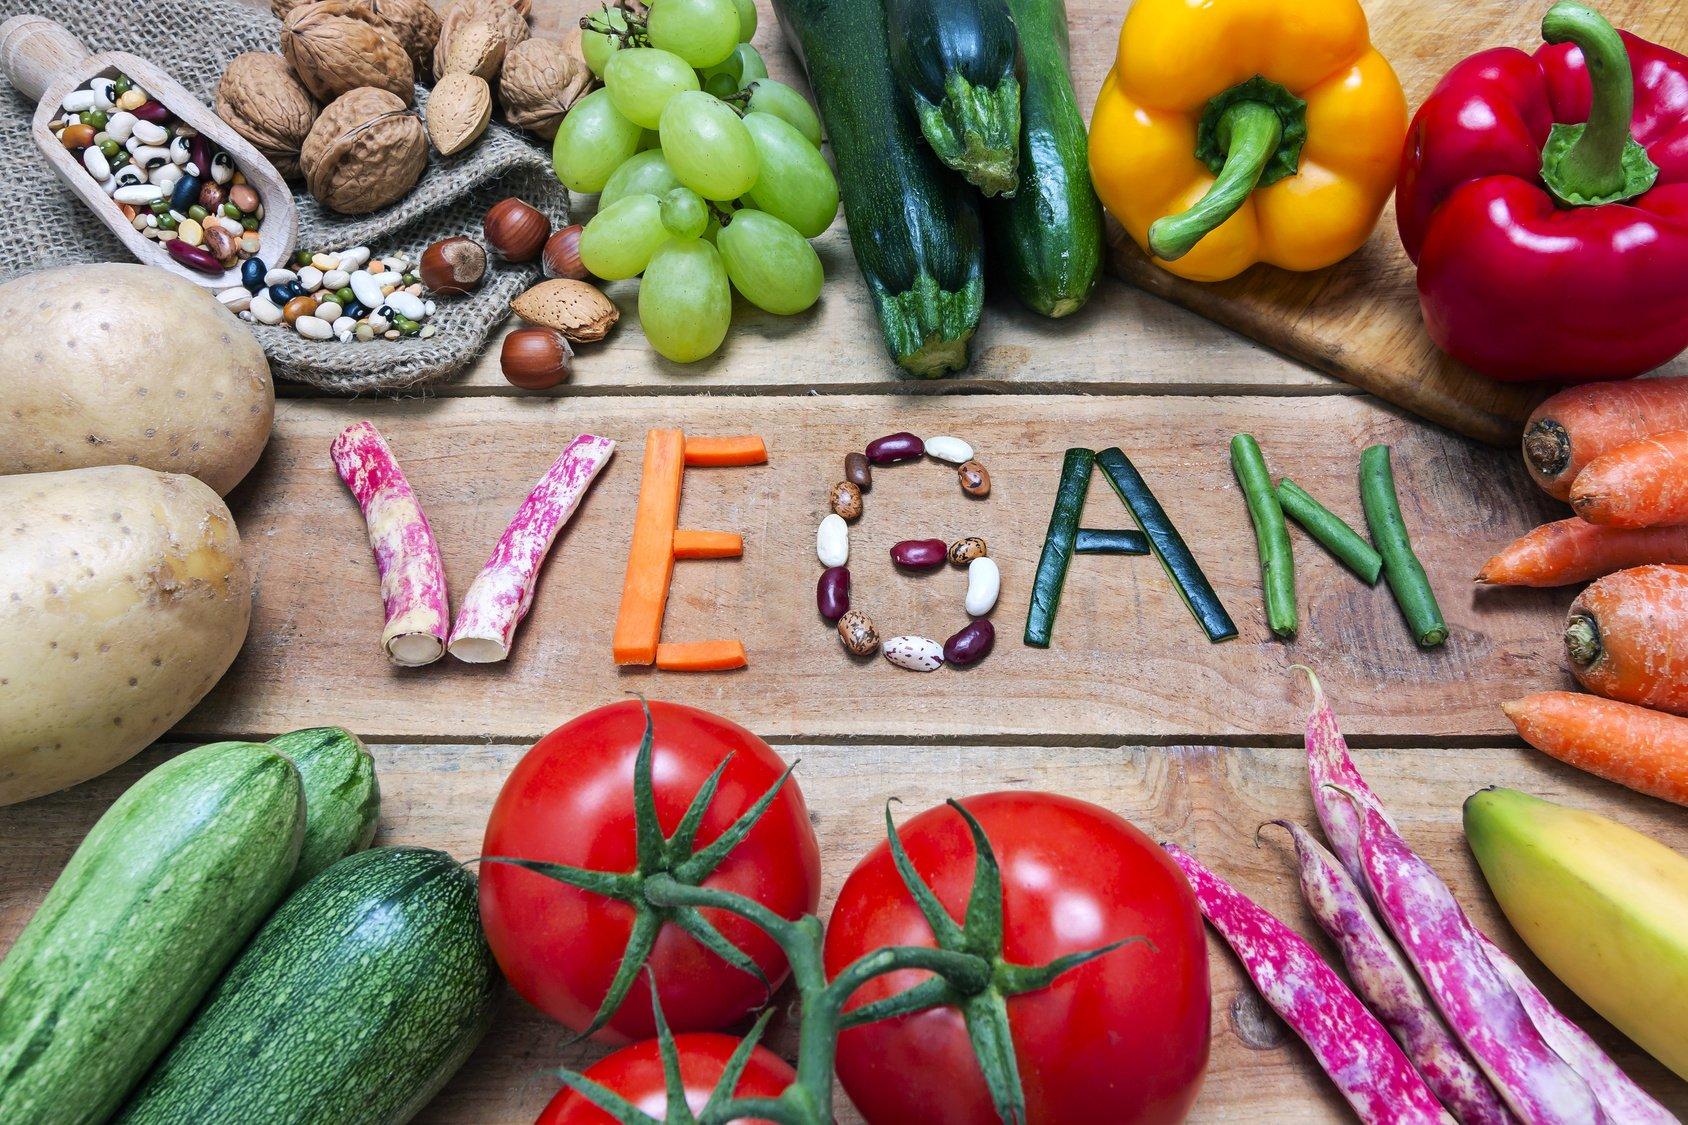 Dieta Settimanale Per Dimagrire Pancia E Fianchi : Dieta vegana settimanale ecco un esempio di menù wdonna